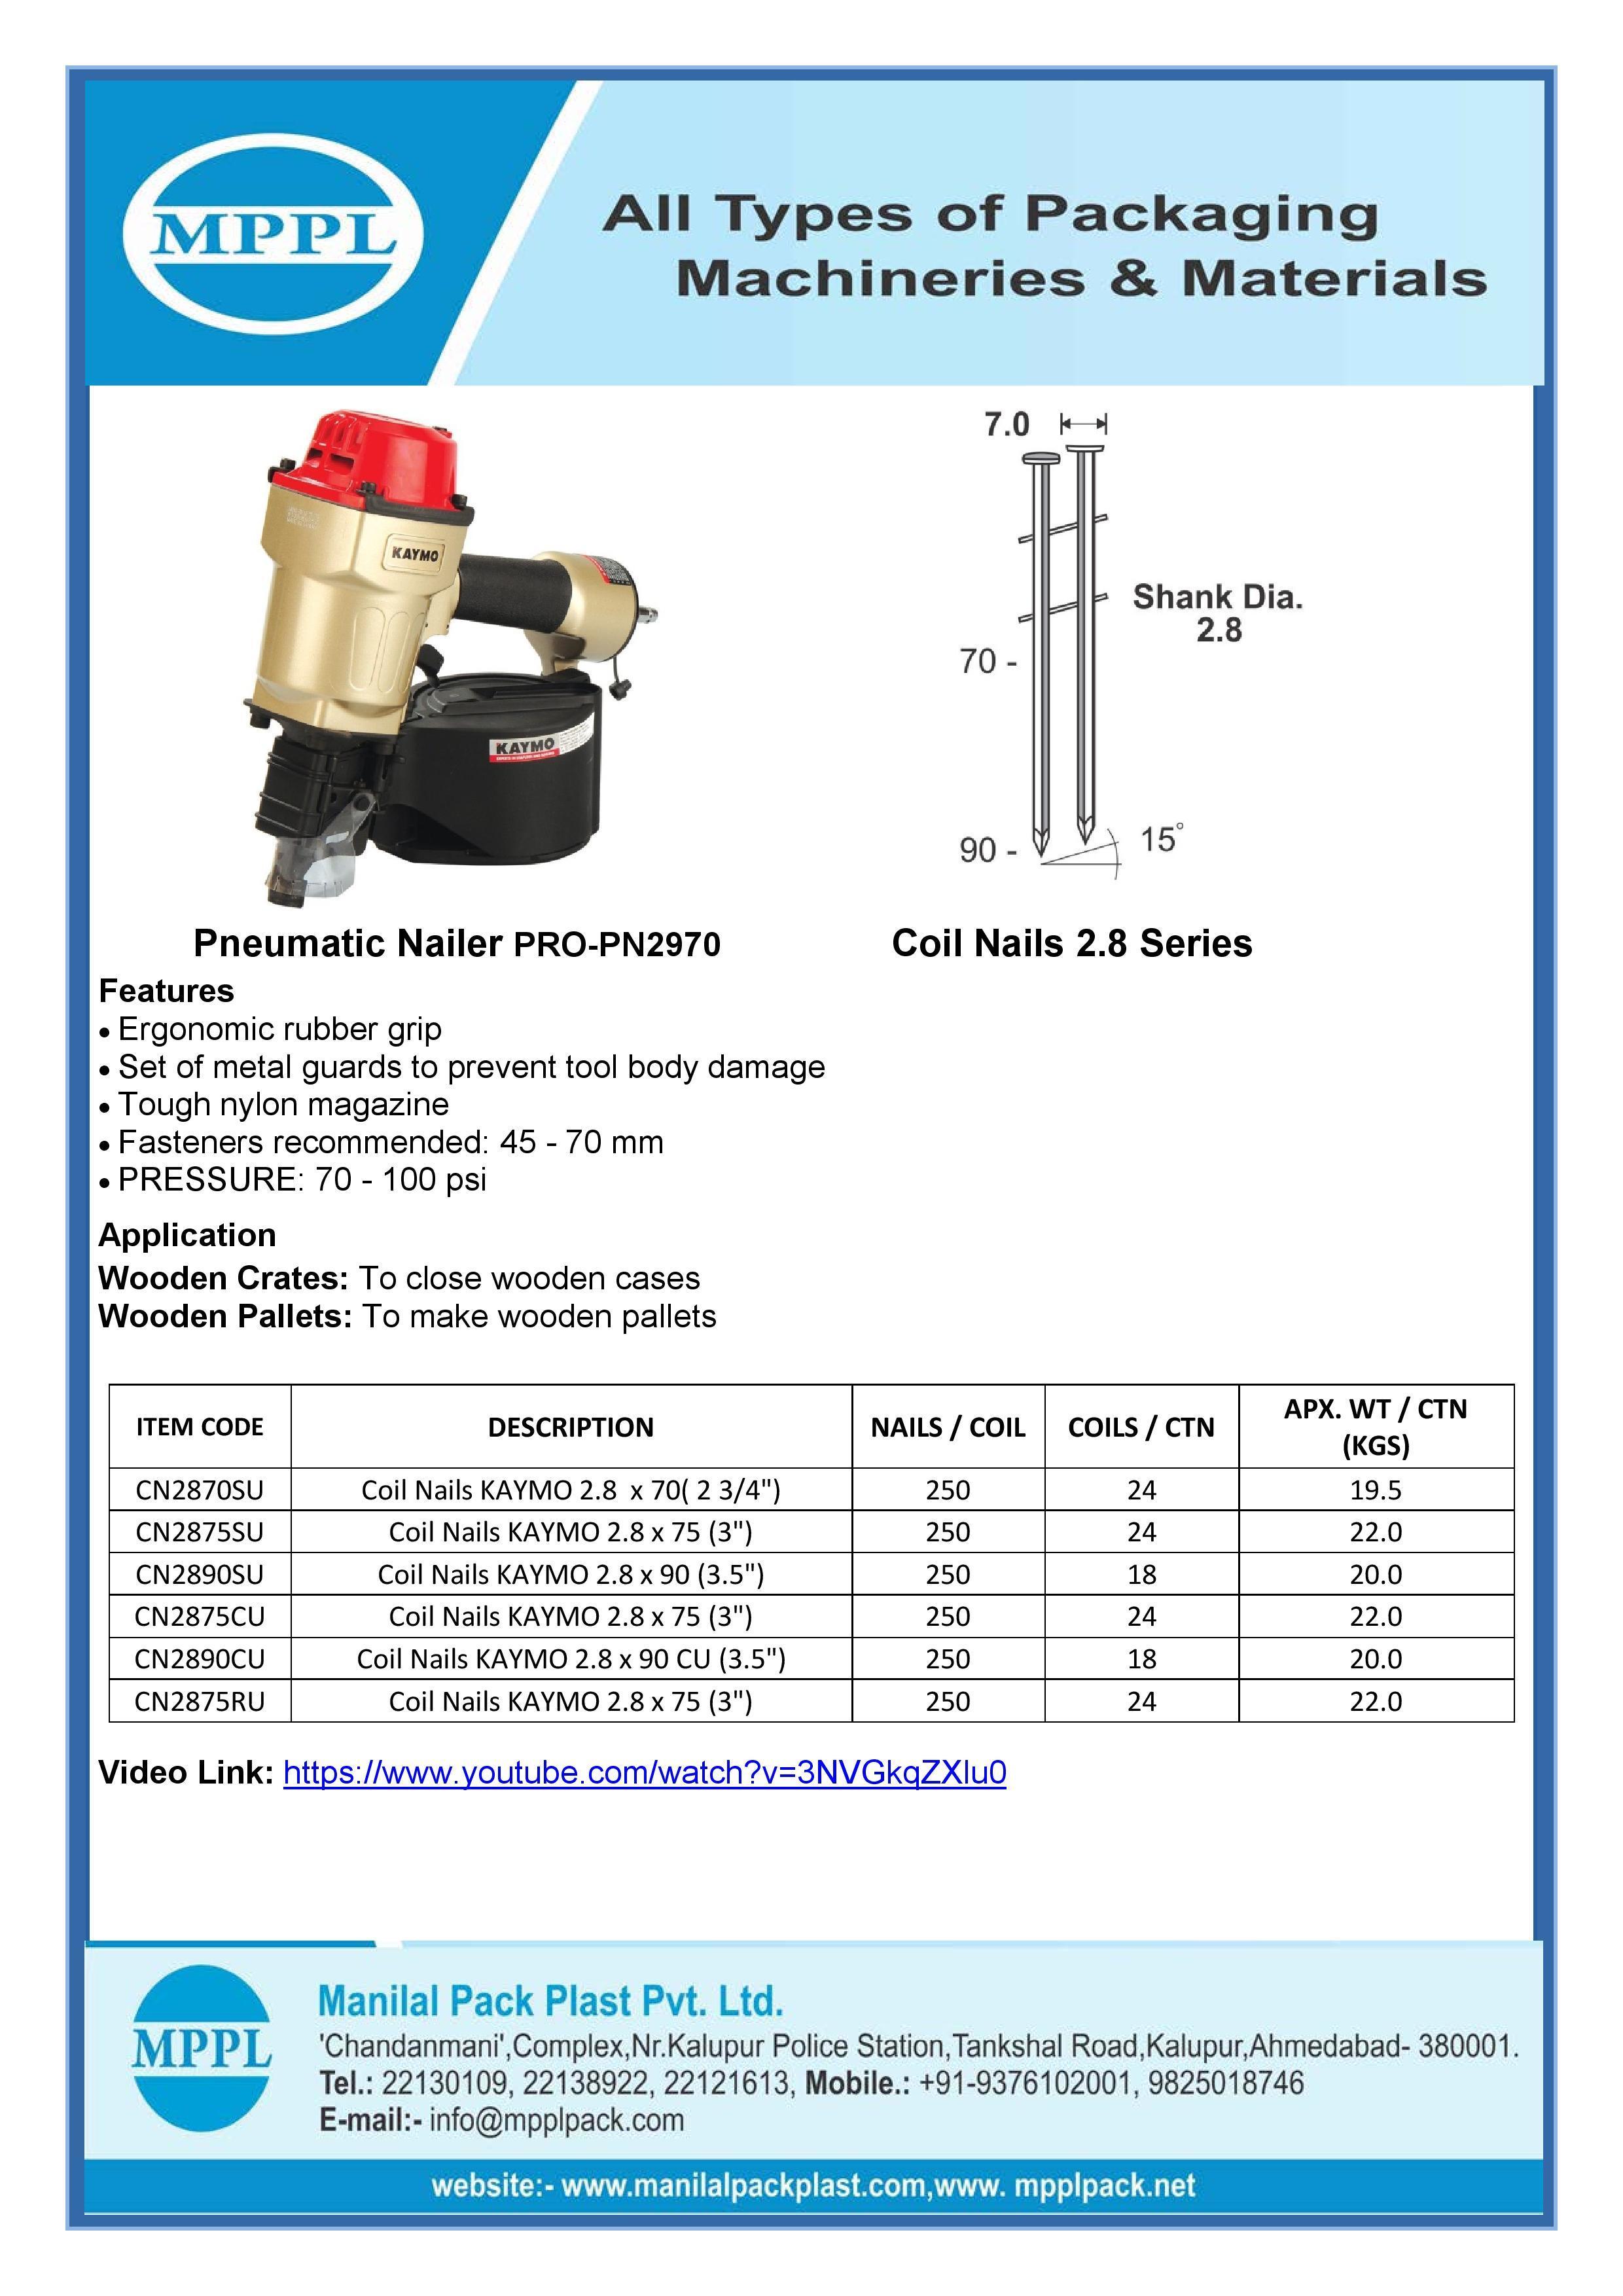 Pneumatic Nailer PRO-PN2970